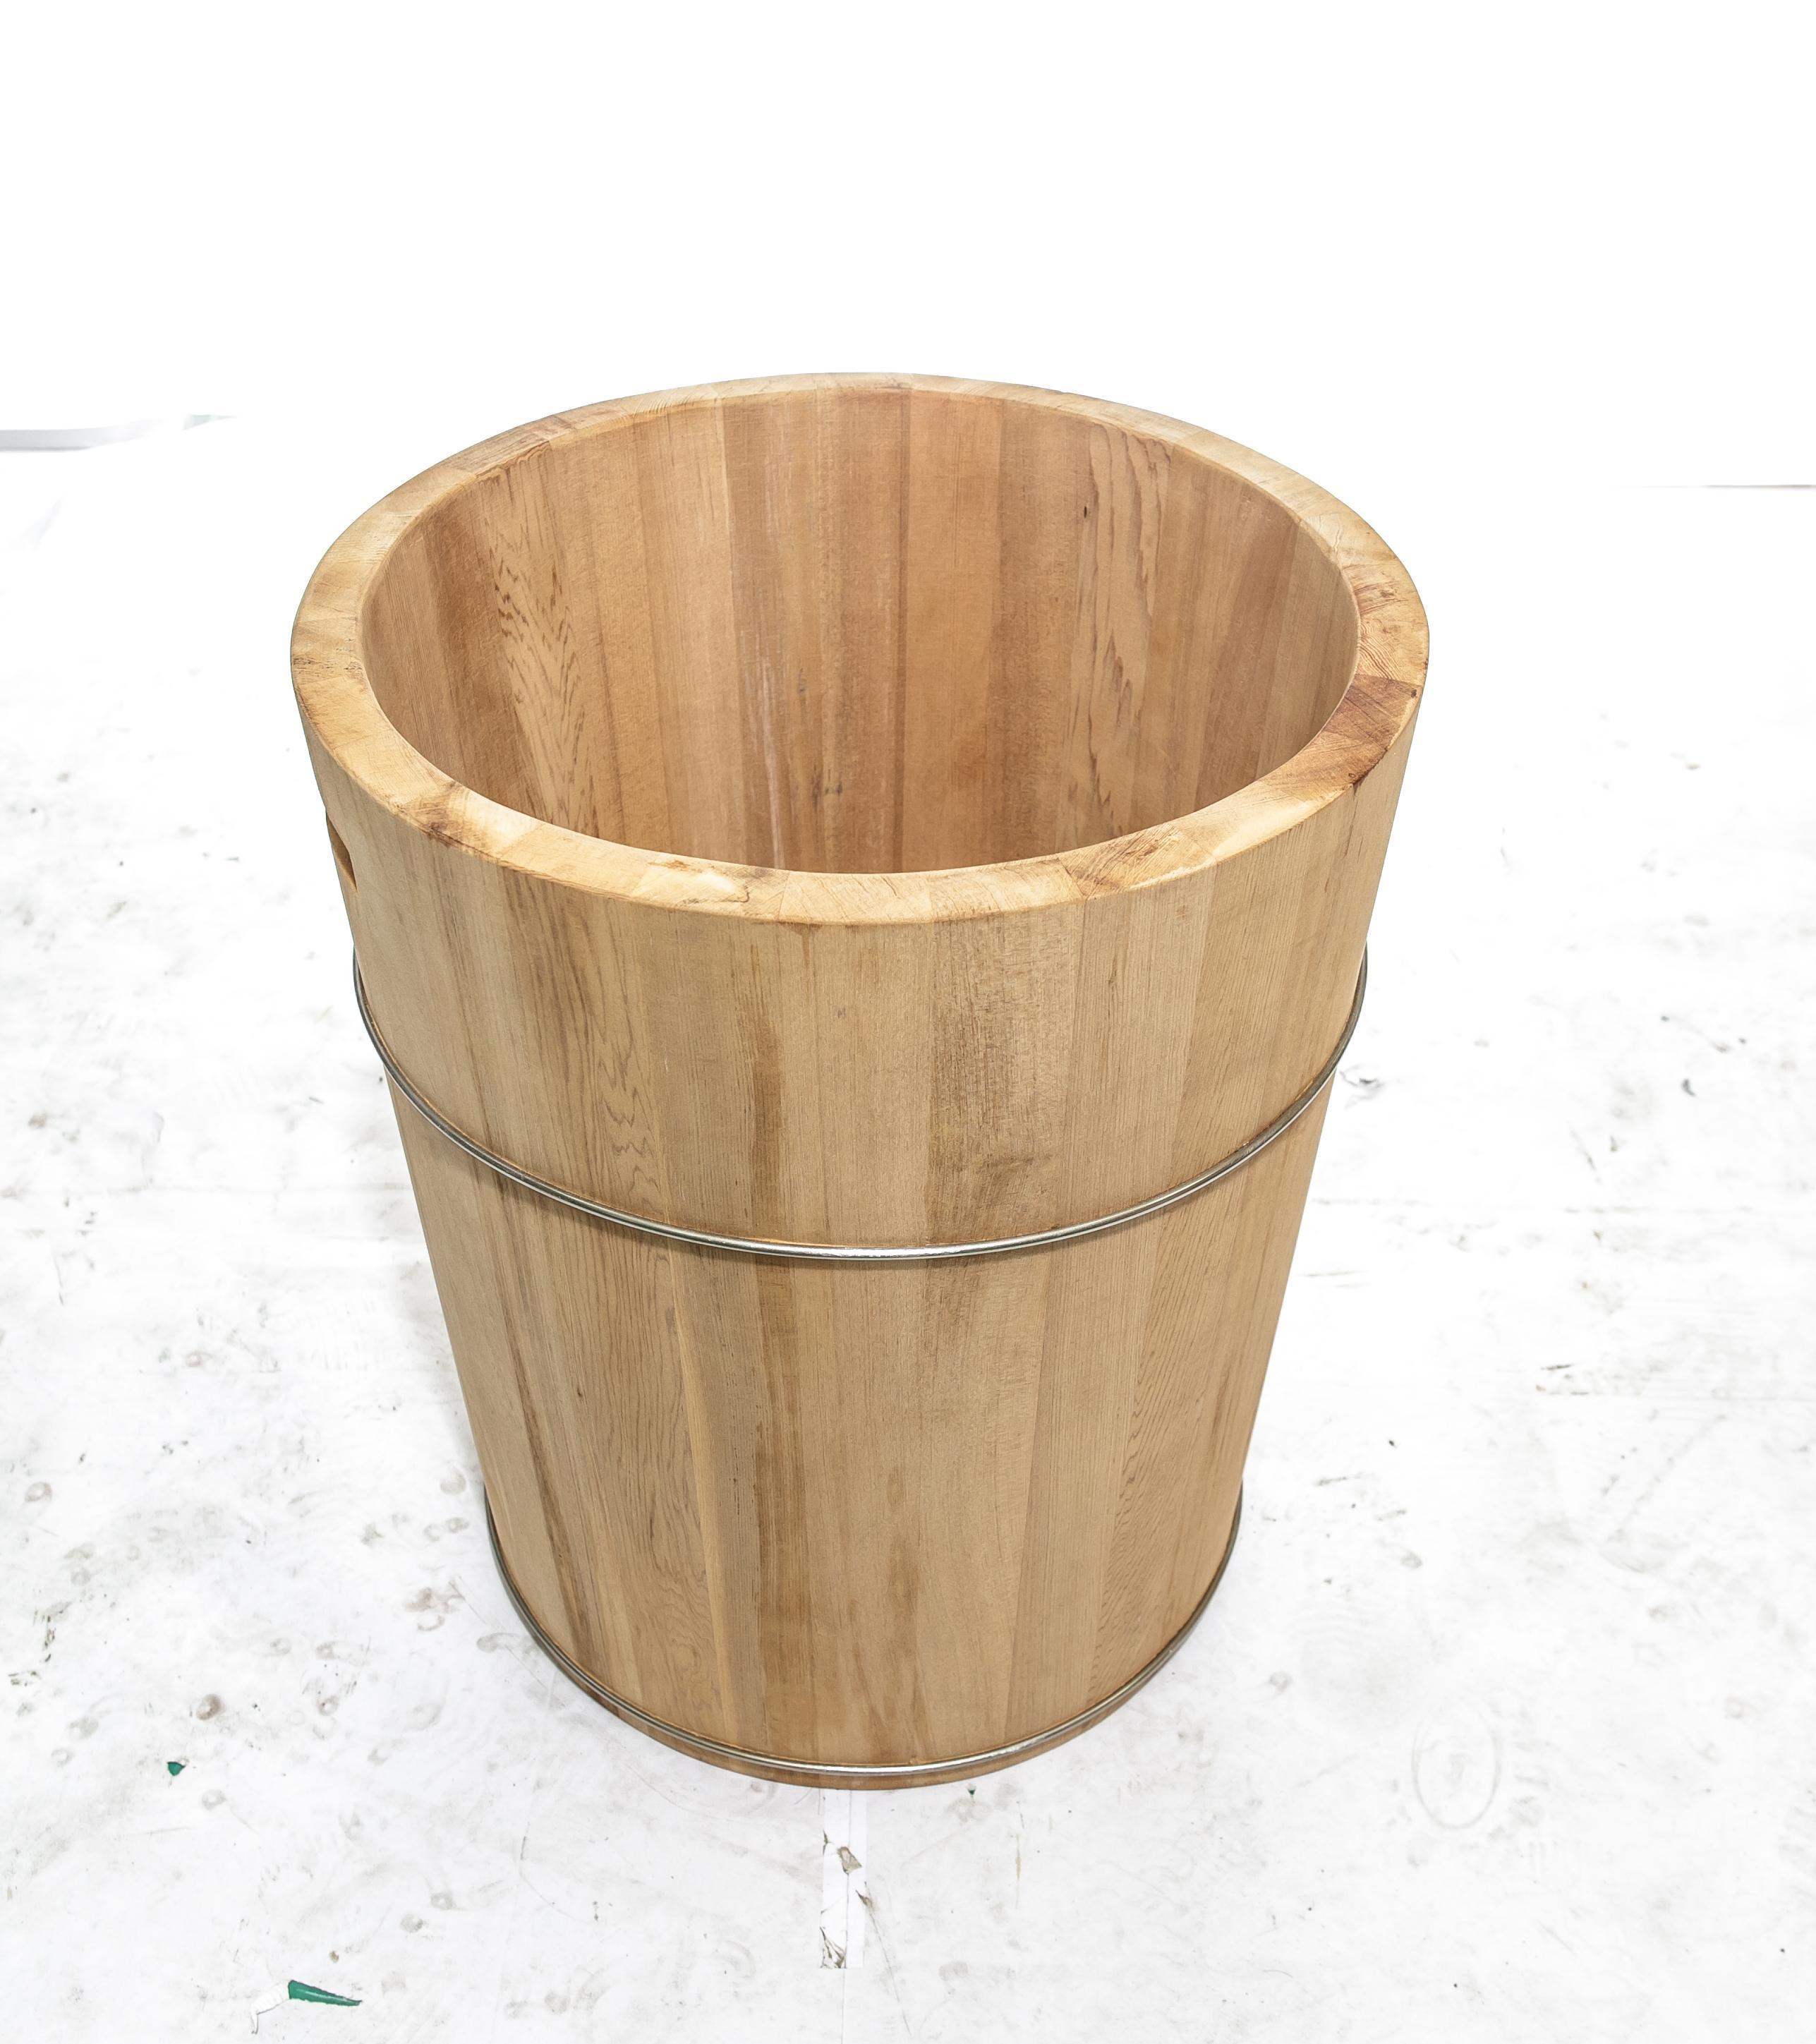 泡腳幫助血液循環 檜木泡腳桶39公分高)台灣第一領導品牌-雅典木桶 木浴缸、方形木桶、泡腳桶、蒸腳桶、蒸氣烤箱